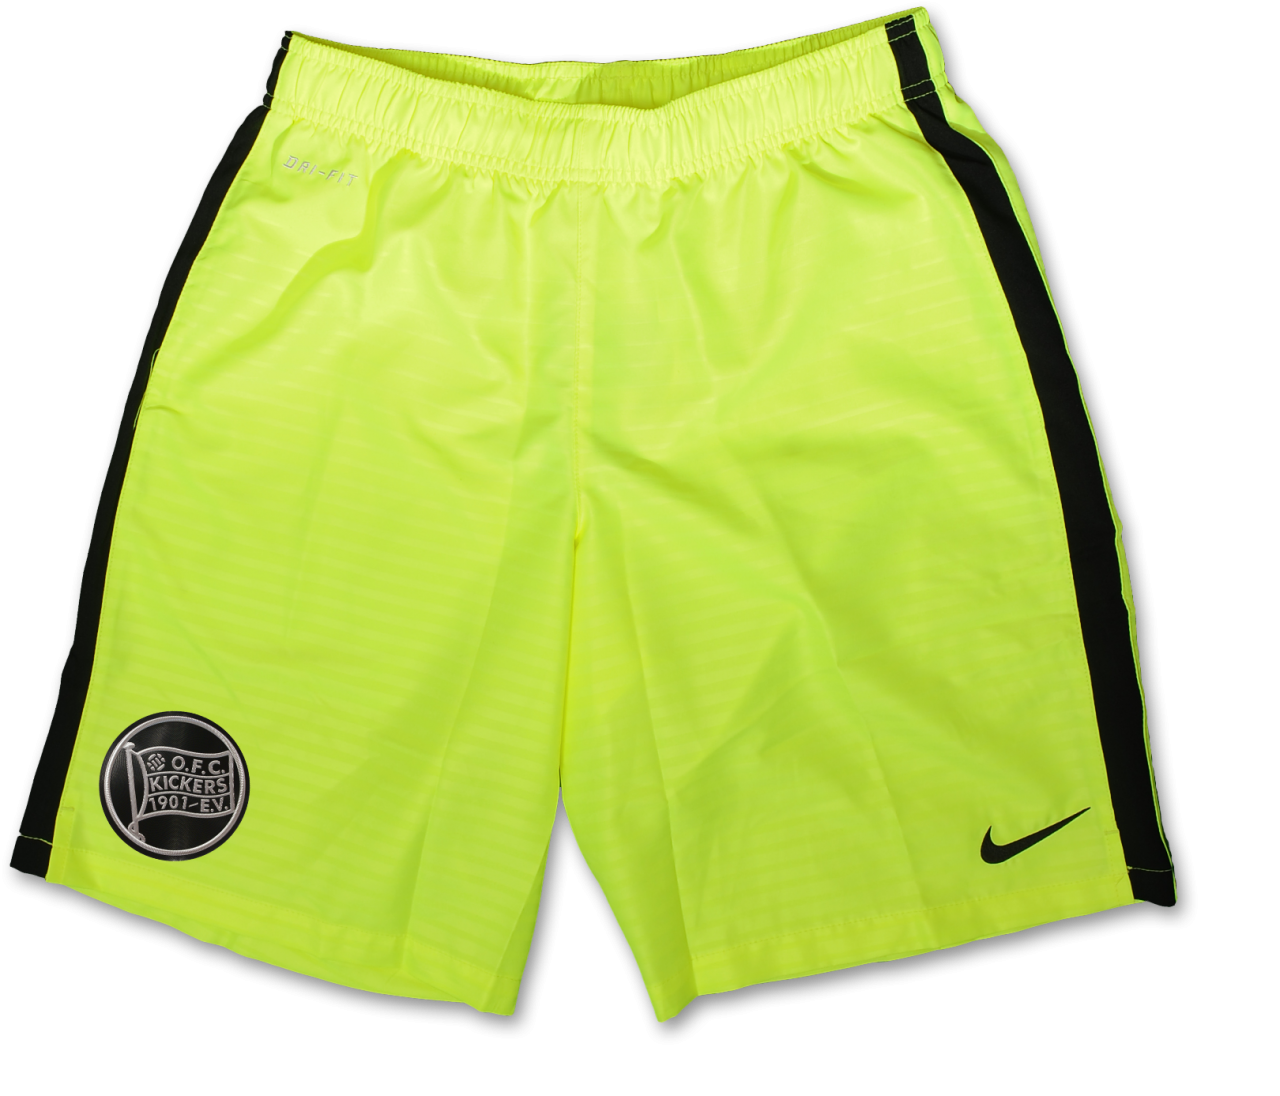 Nike Hose Auswärts 16/17